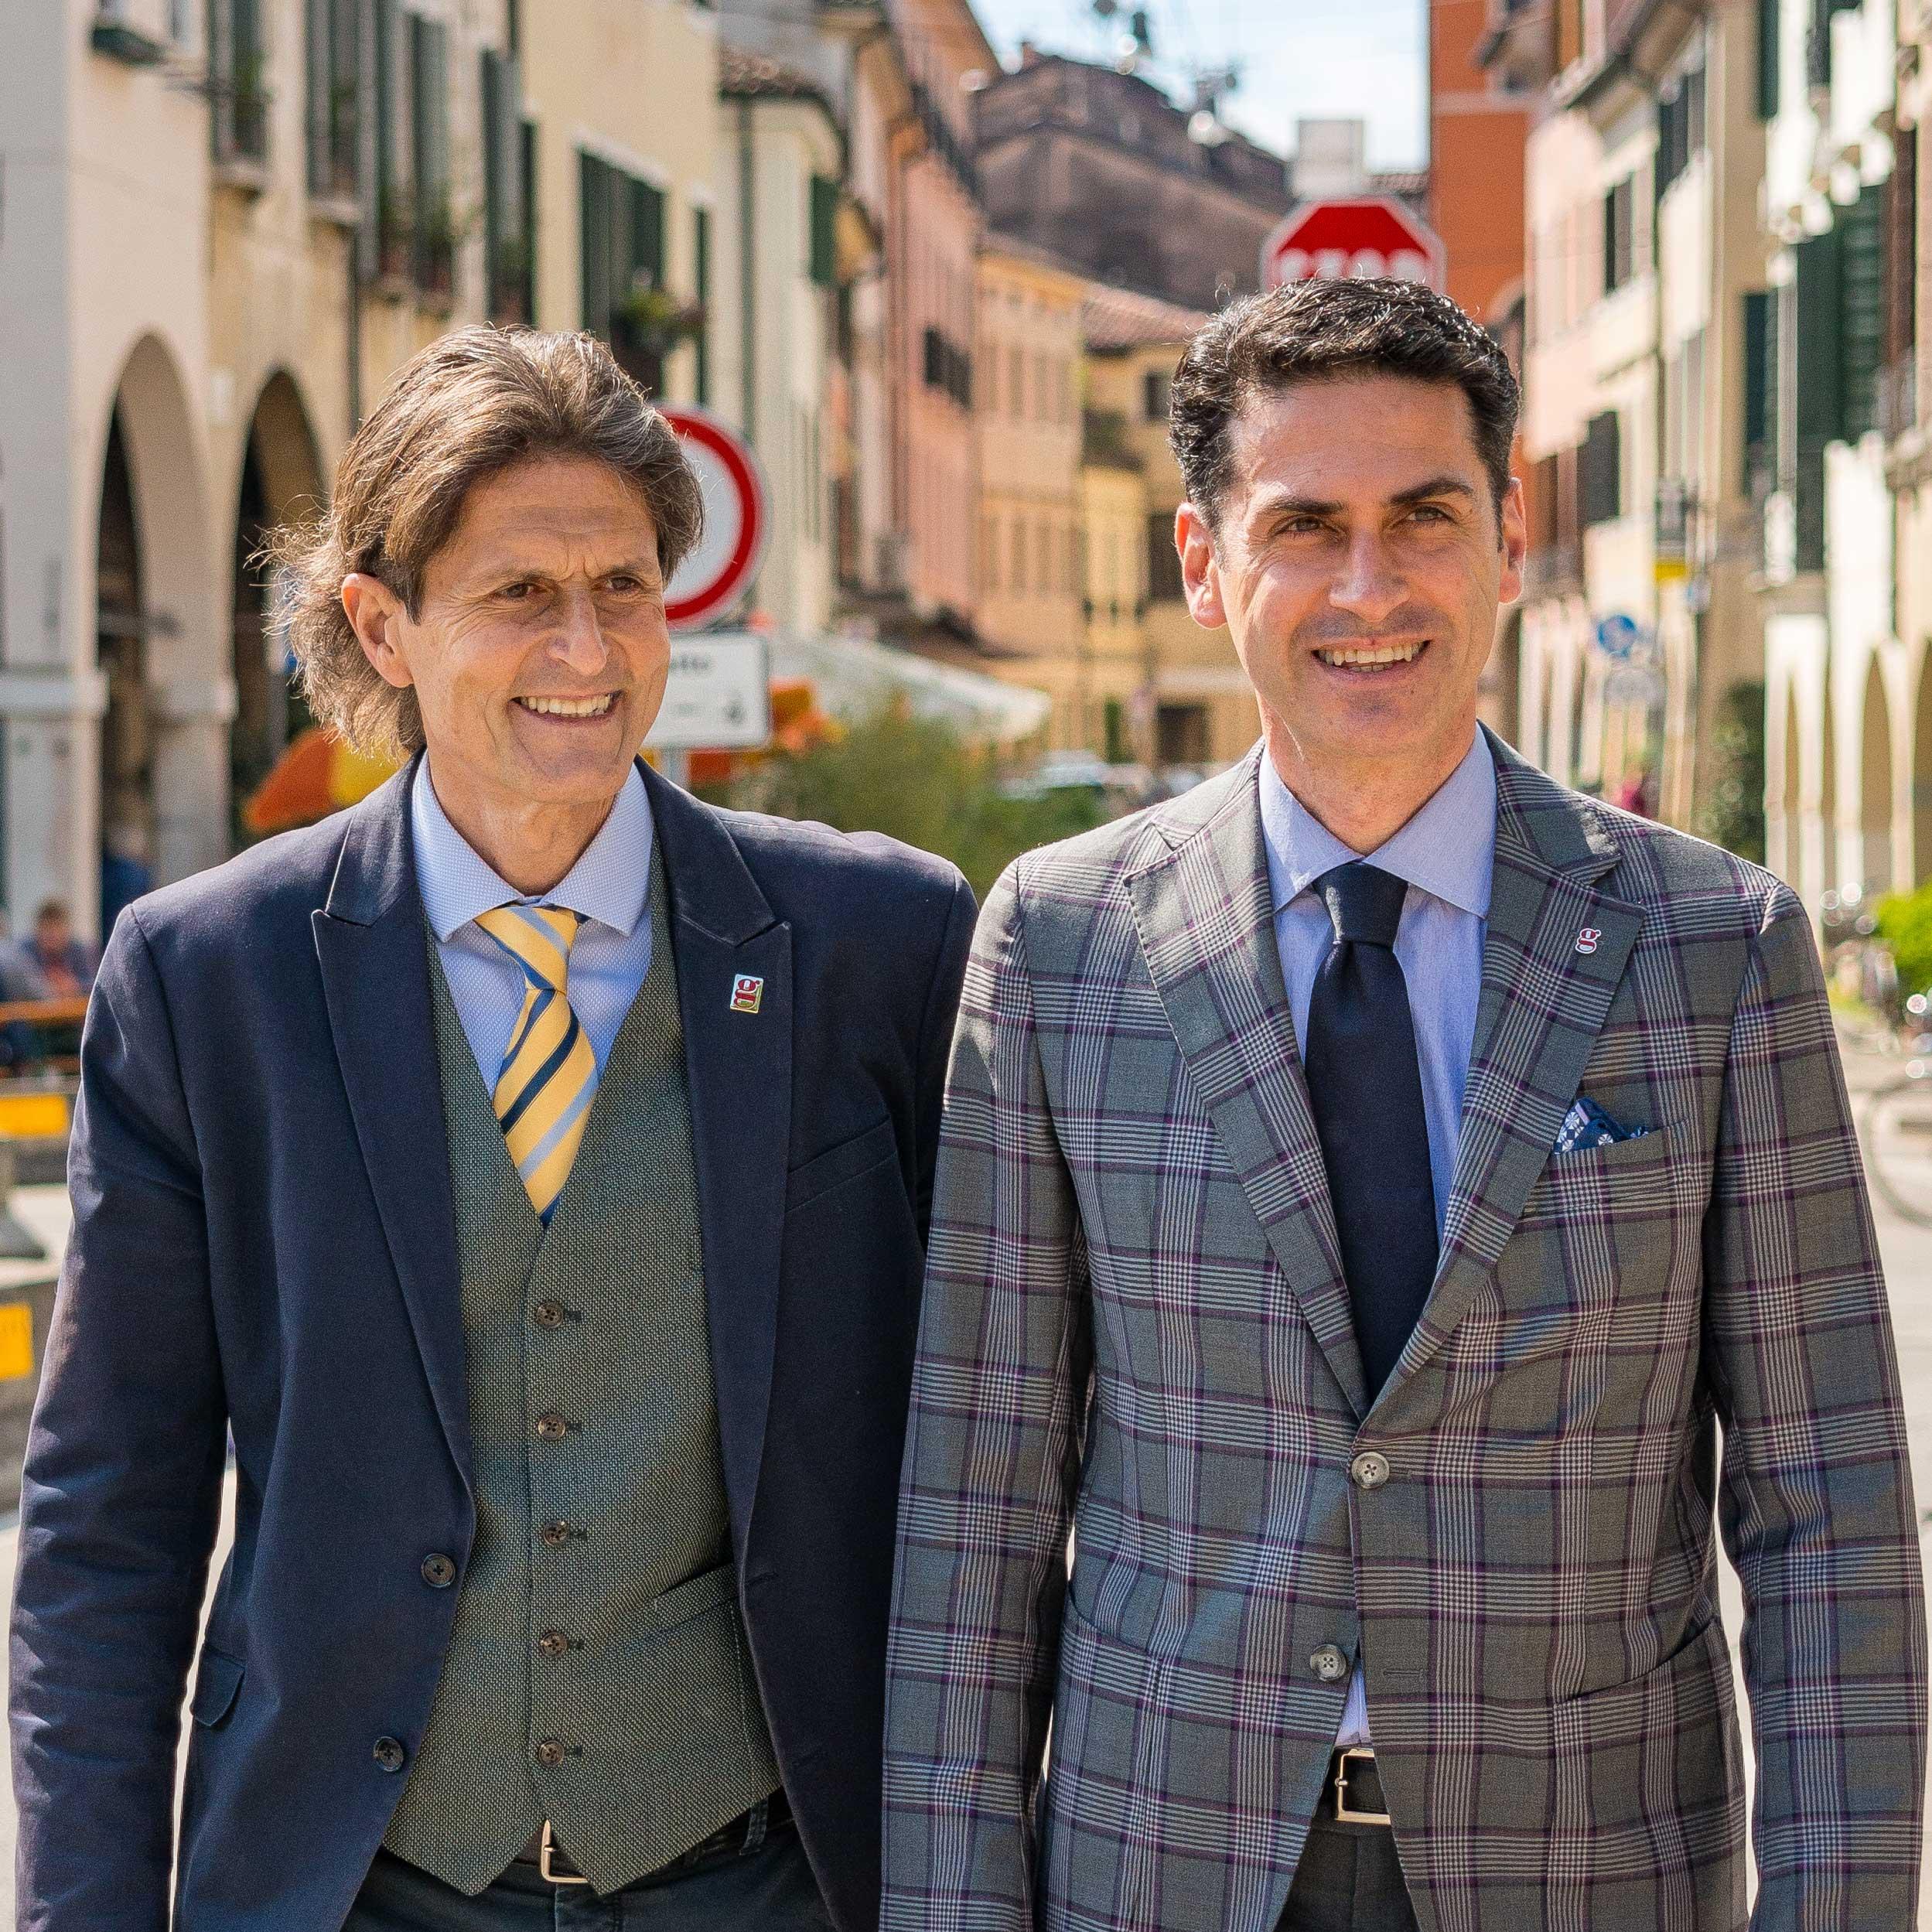 Vendo Casa Treviso Professionisti